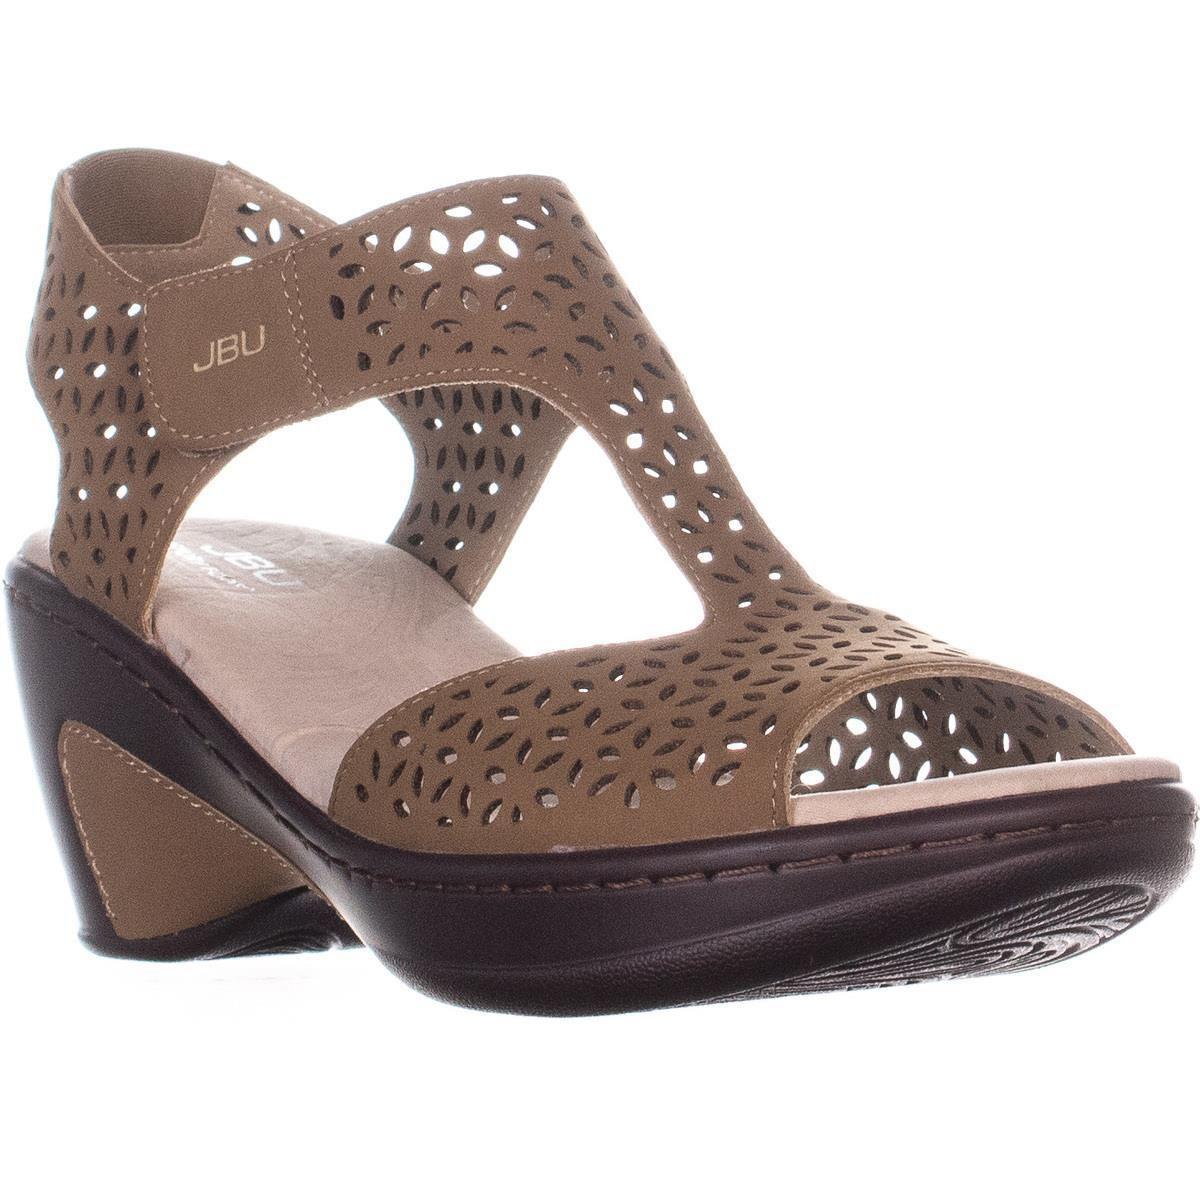 ac2f4b86d9 Jambu. Women's Jbu By Chloe Cutout T-strap Comfort Sandals ...